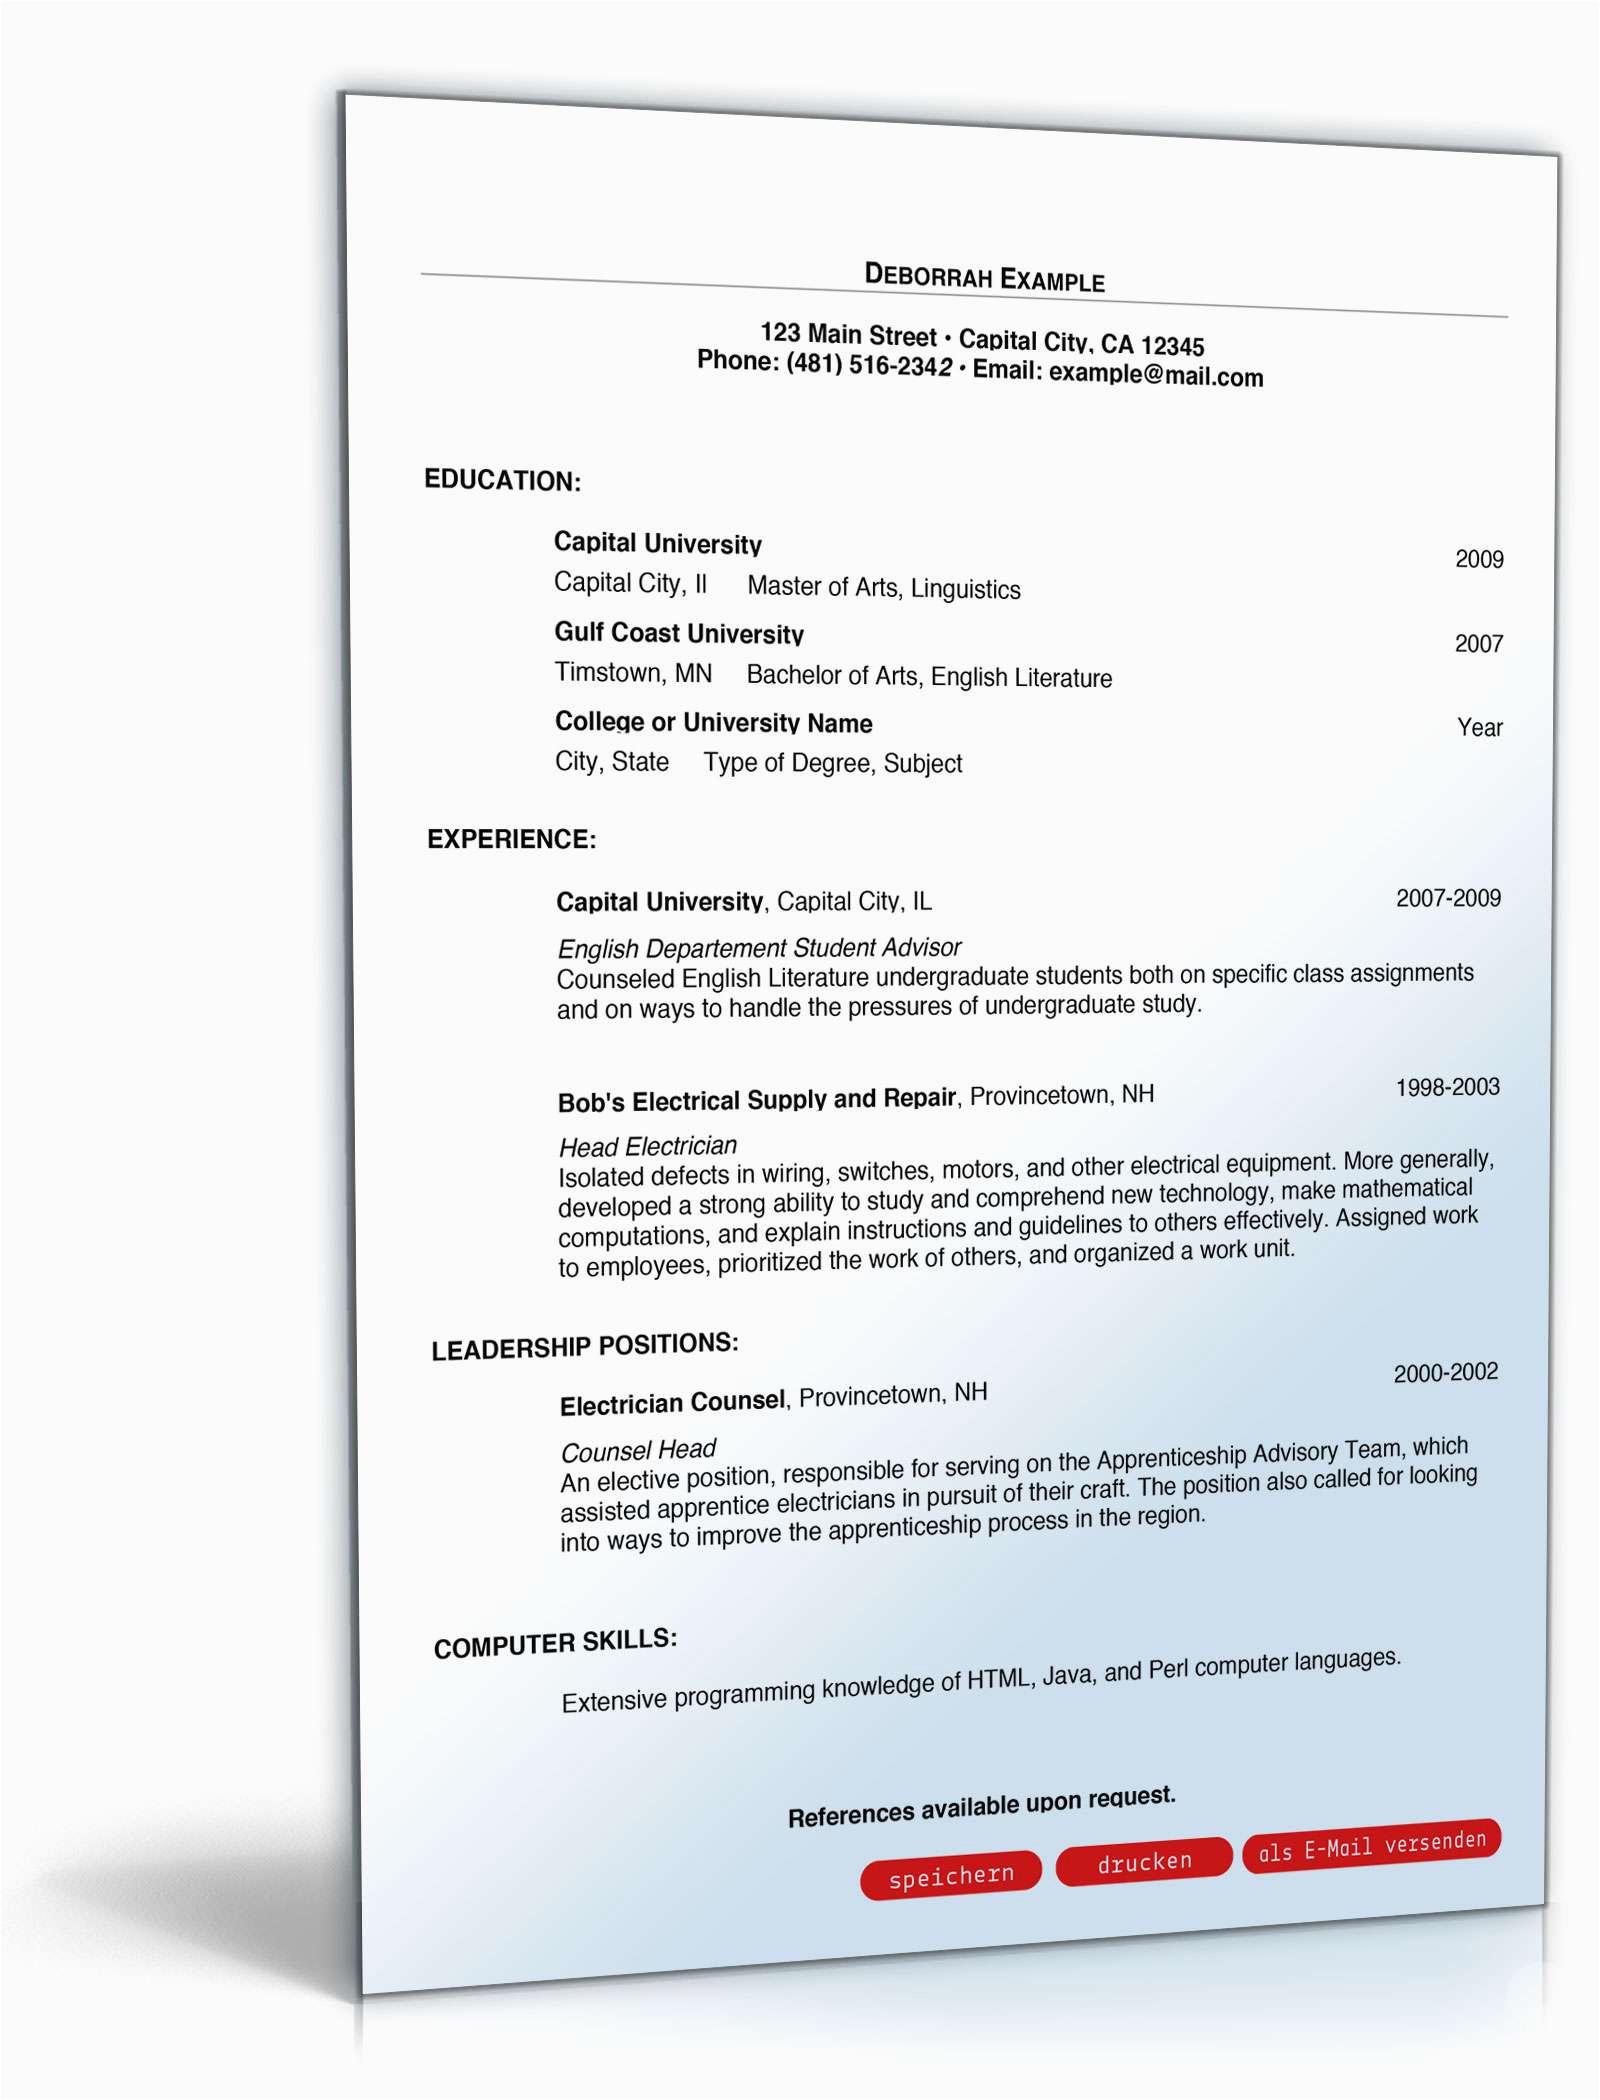 Formular Lebenslauf Englisch Englischer Lebenslauf Muster Vorlage sofort Zum Download